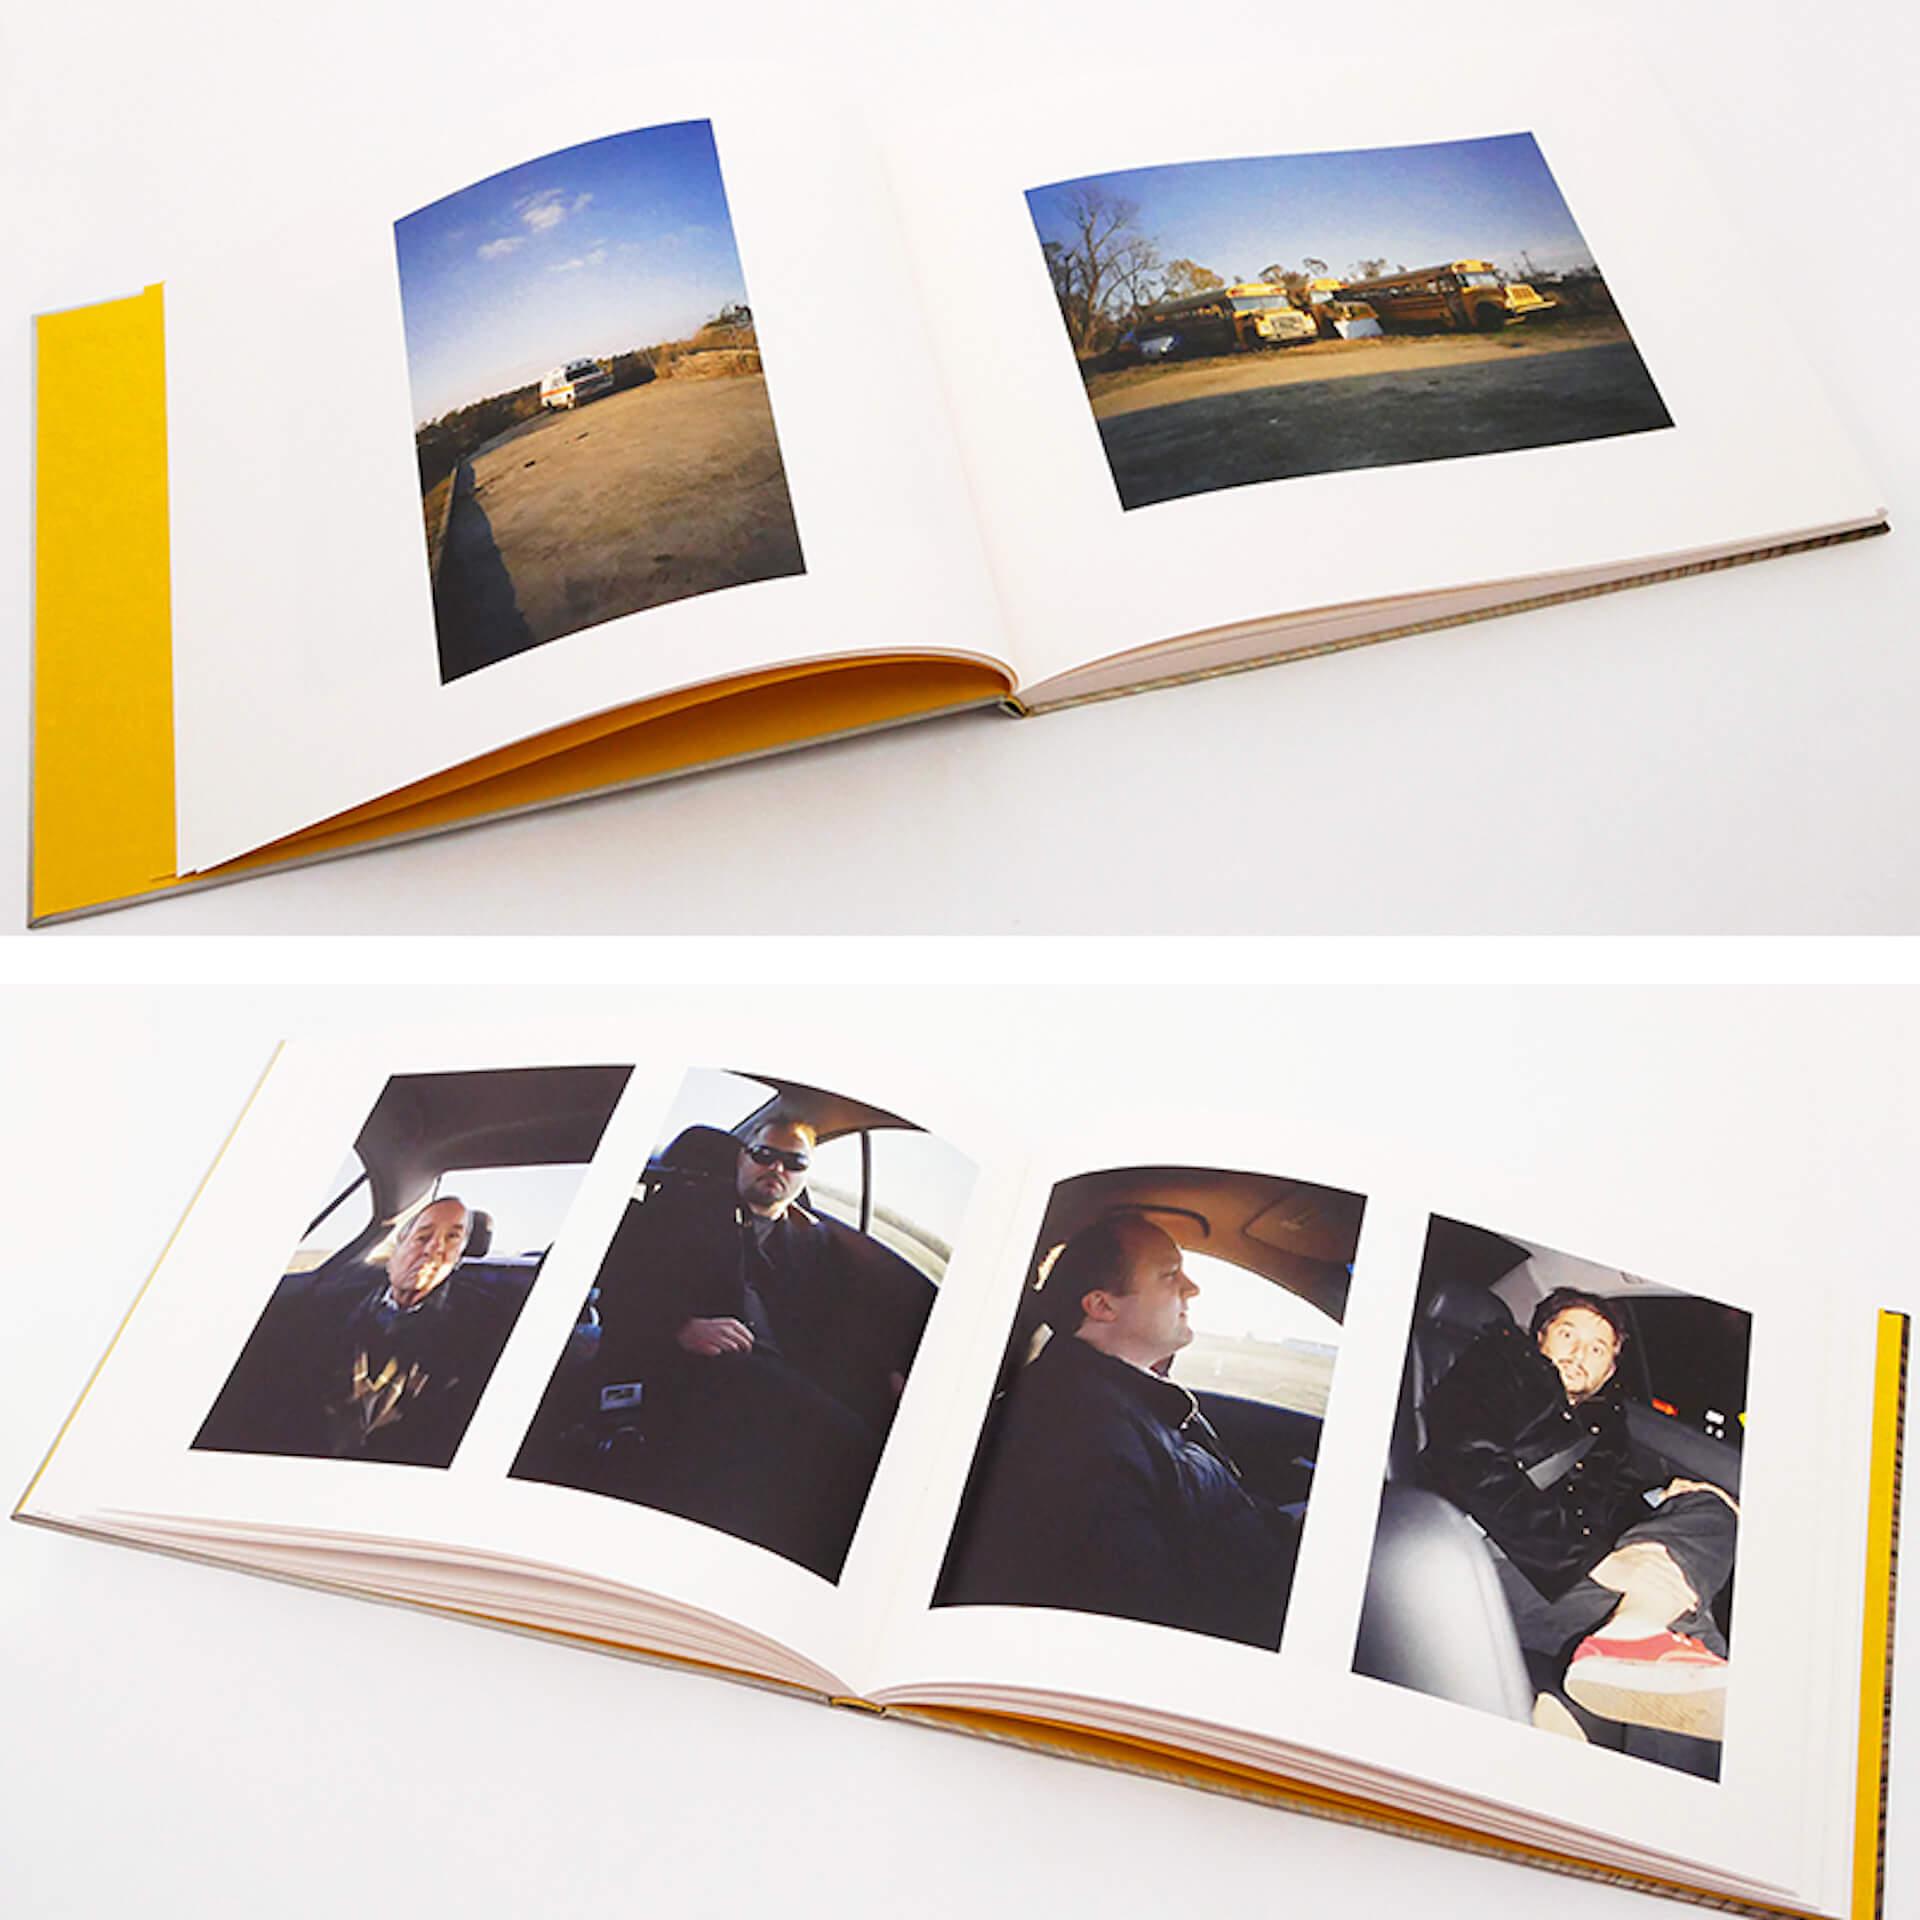 アートブックノススメ|Qetic編集部が選ぶ5冊/Harmony Korine 他 column210210_artbook-011